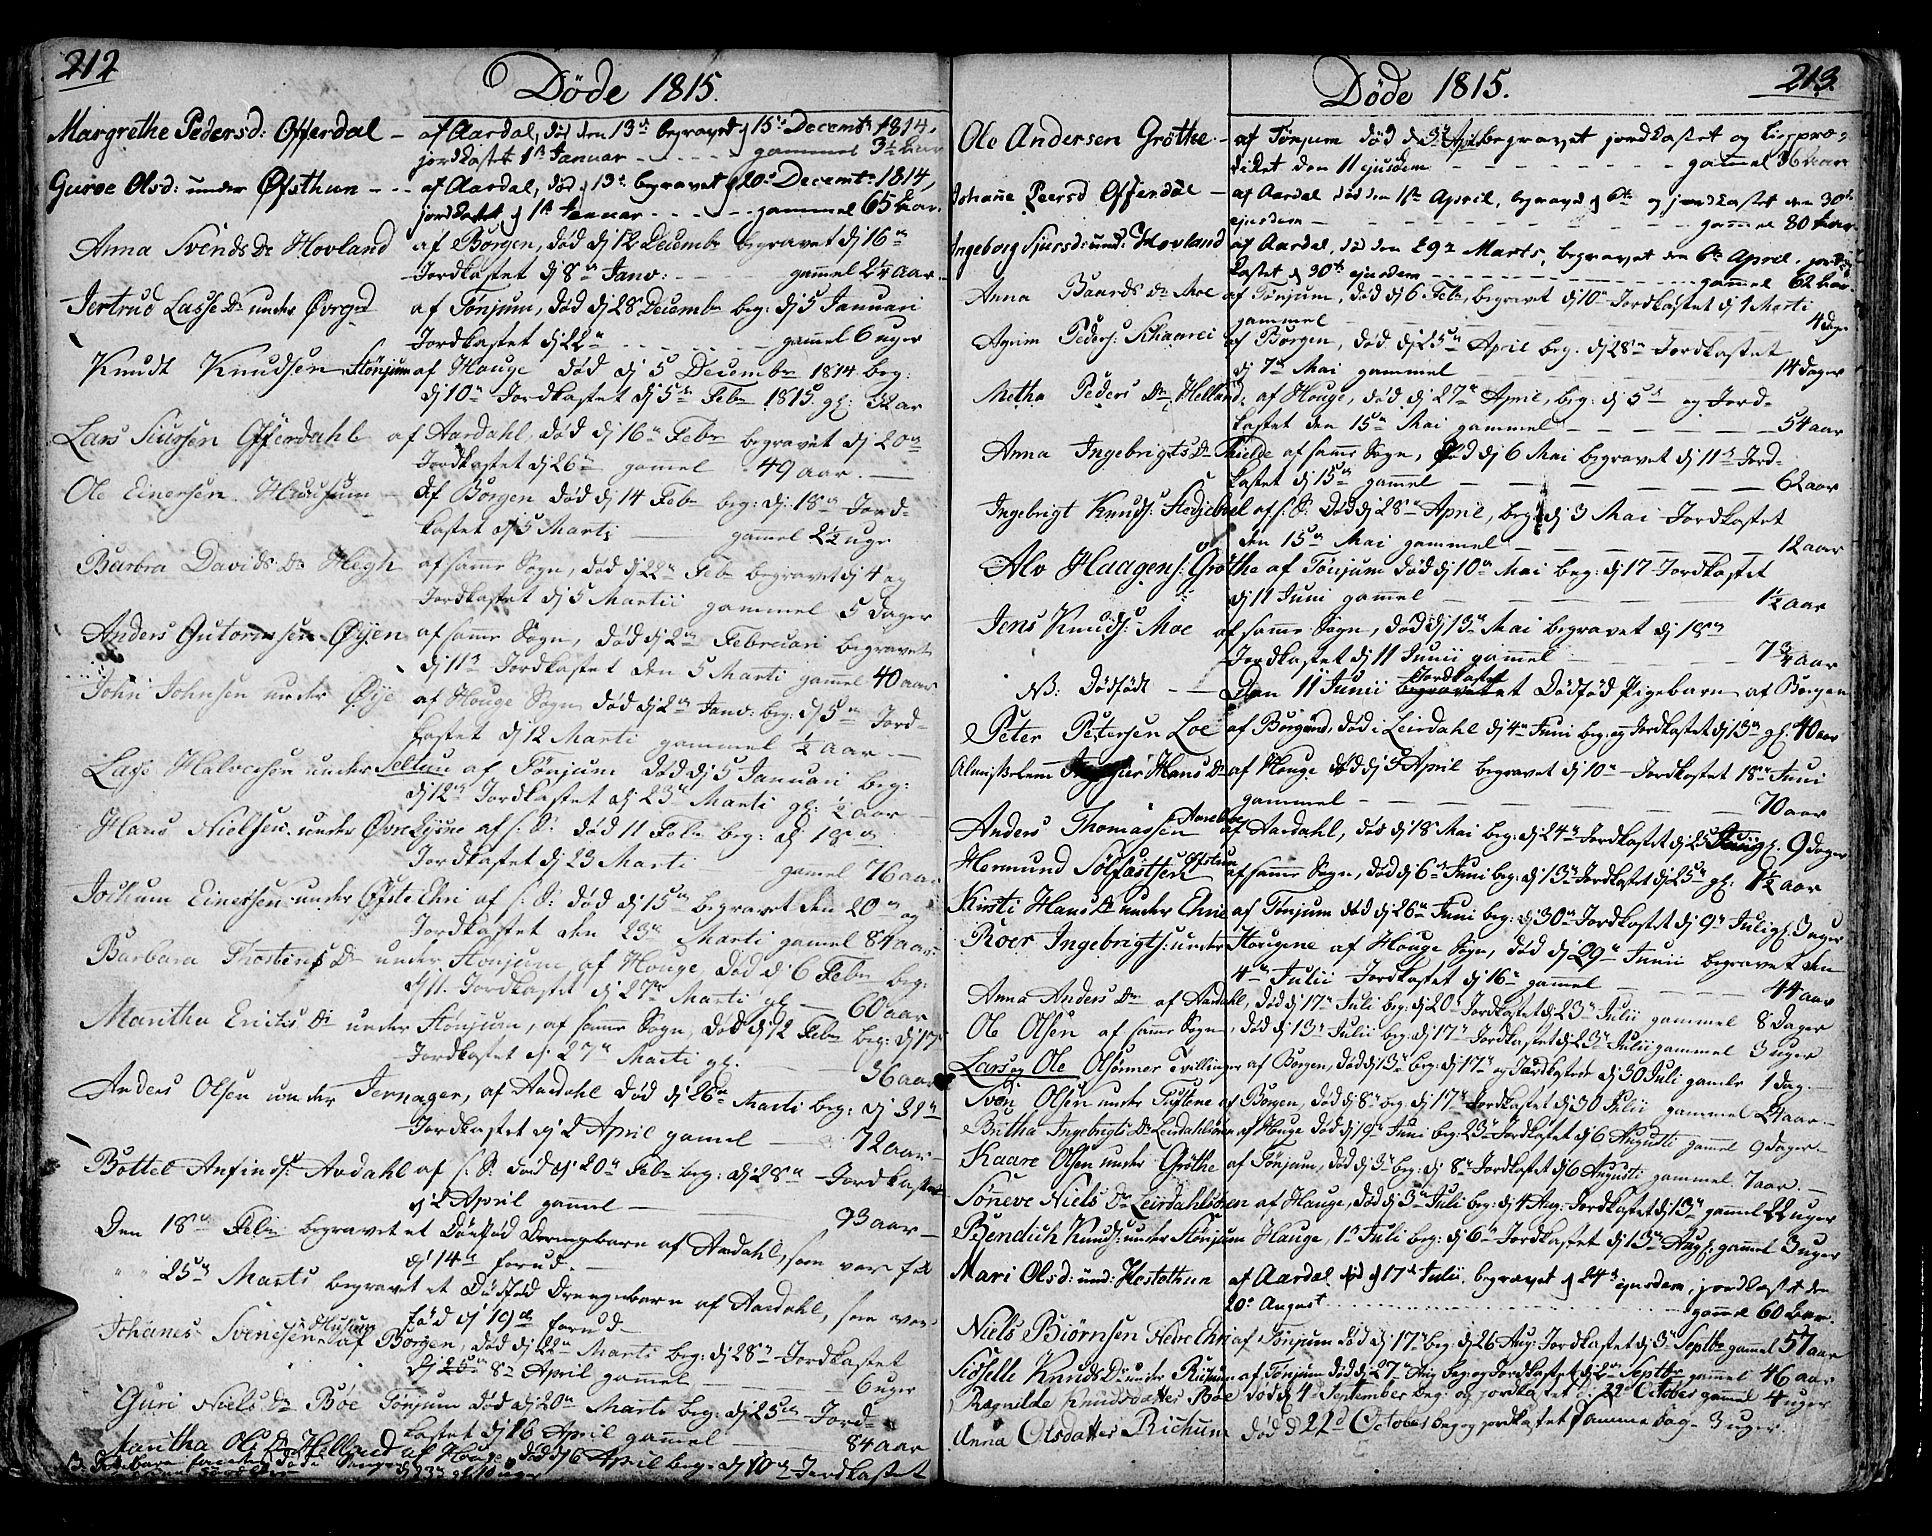 SAB, Lærdal sokneprestembete, Ministerialbok nr. A 4, 1805-1821, s. 212-213